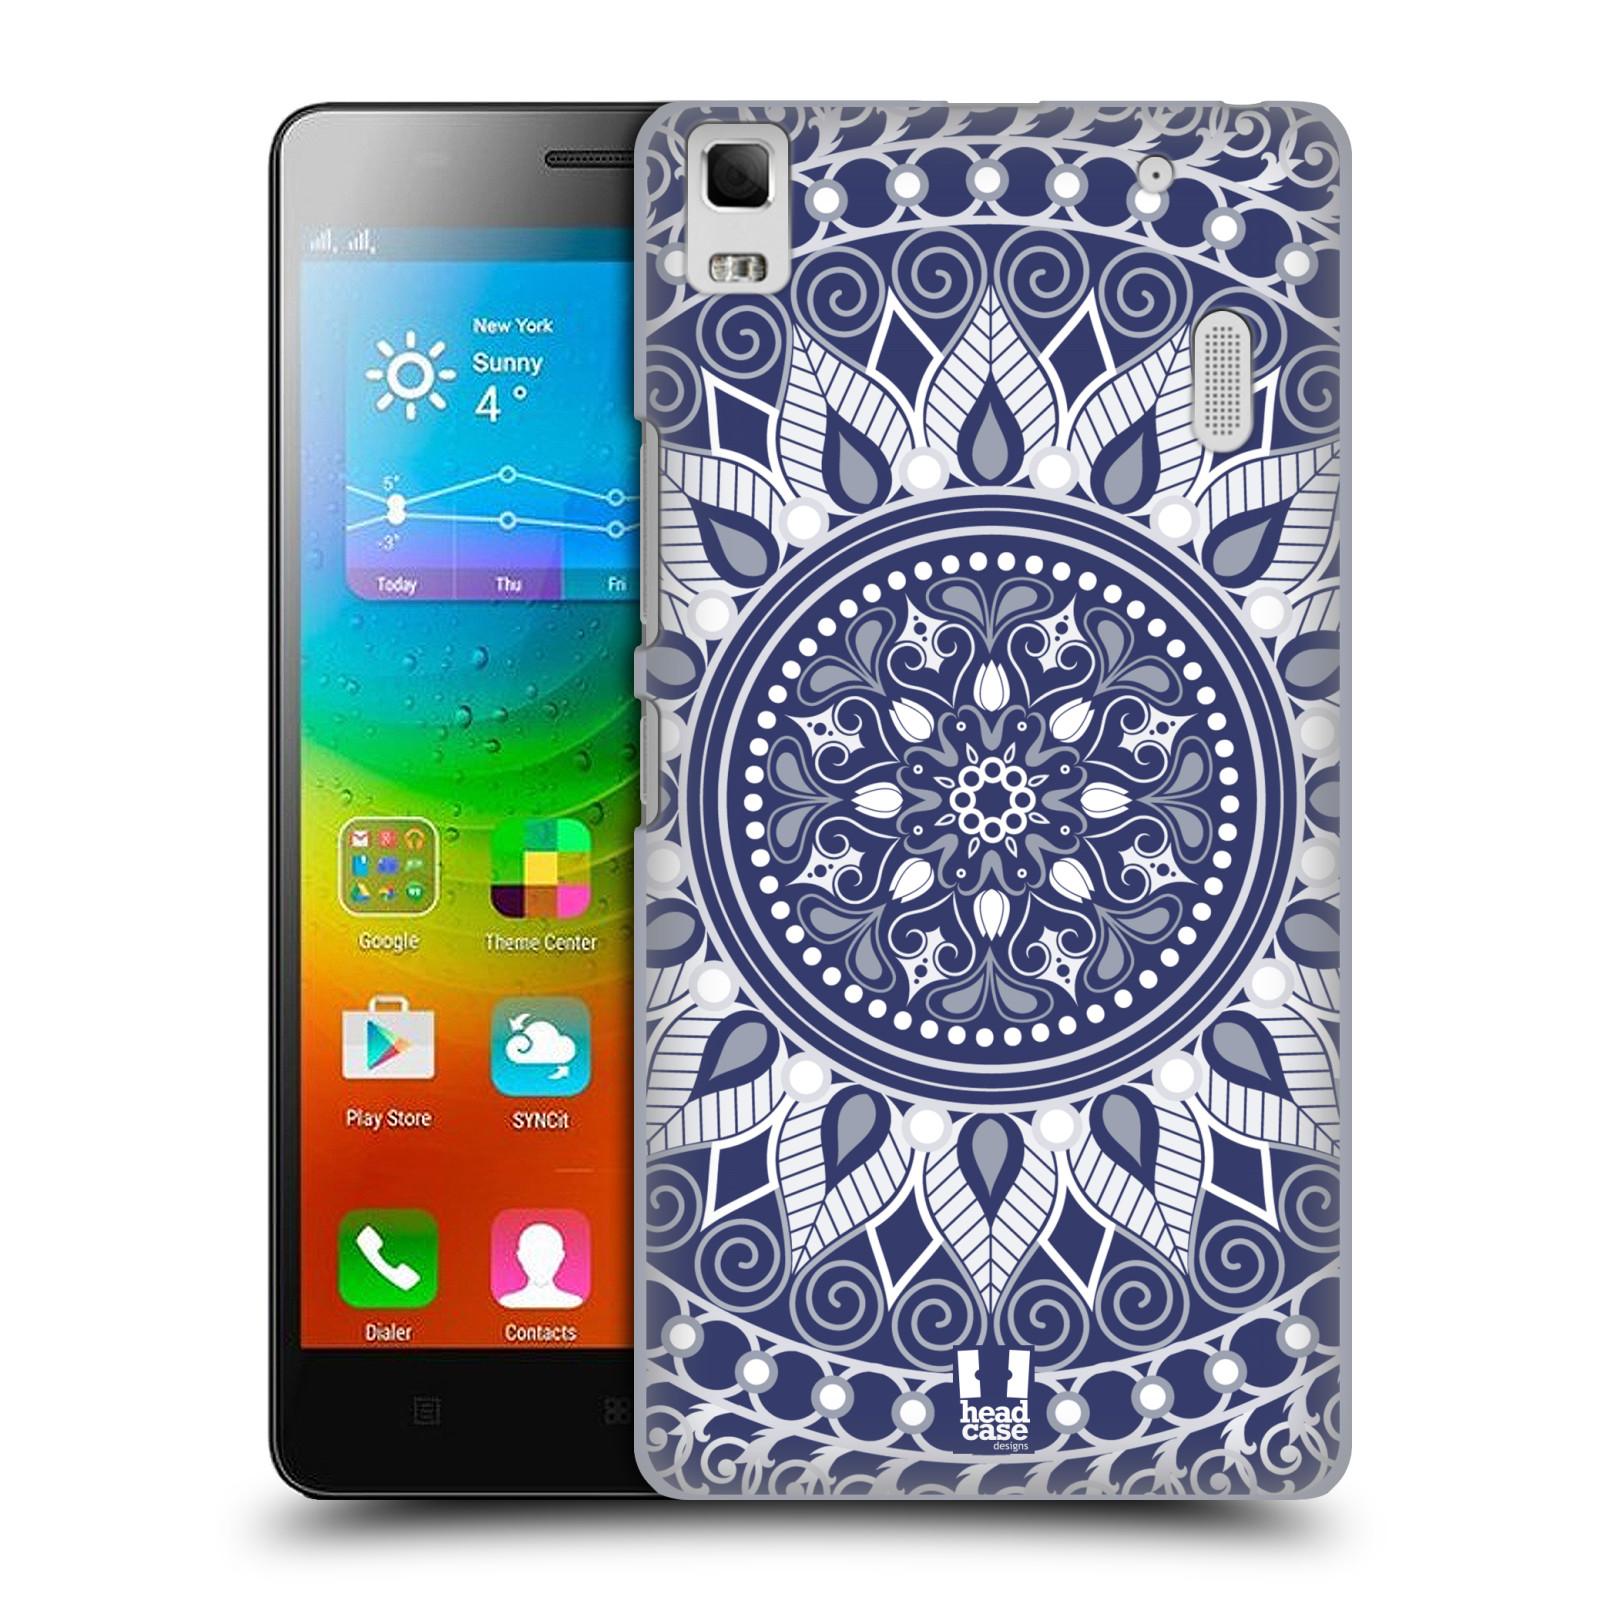 HEAD CASE pevný plastový obal na mobil LENOVO A7000 / A7000 DUAL / K3 NOTE vzor Indie Mandala slunce barevný motiv MODRÁ